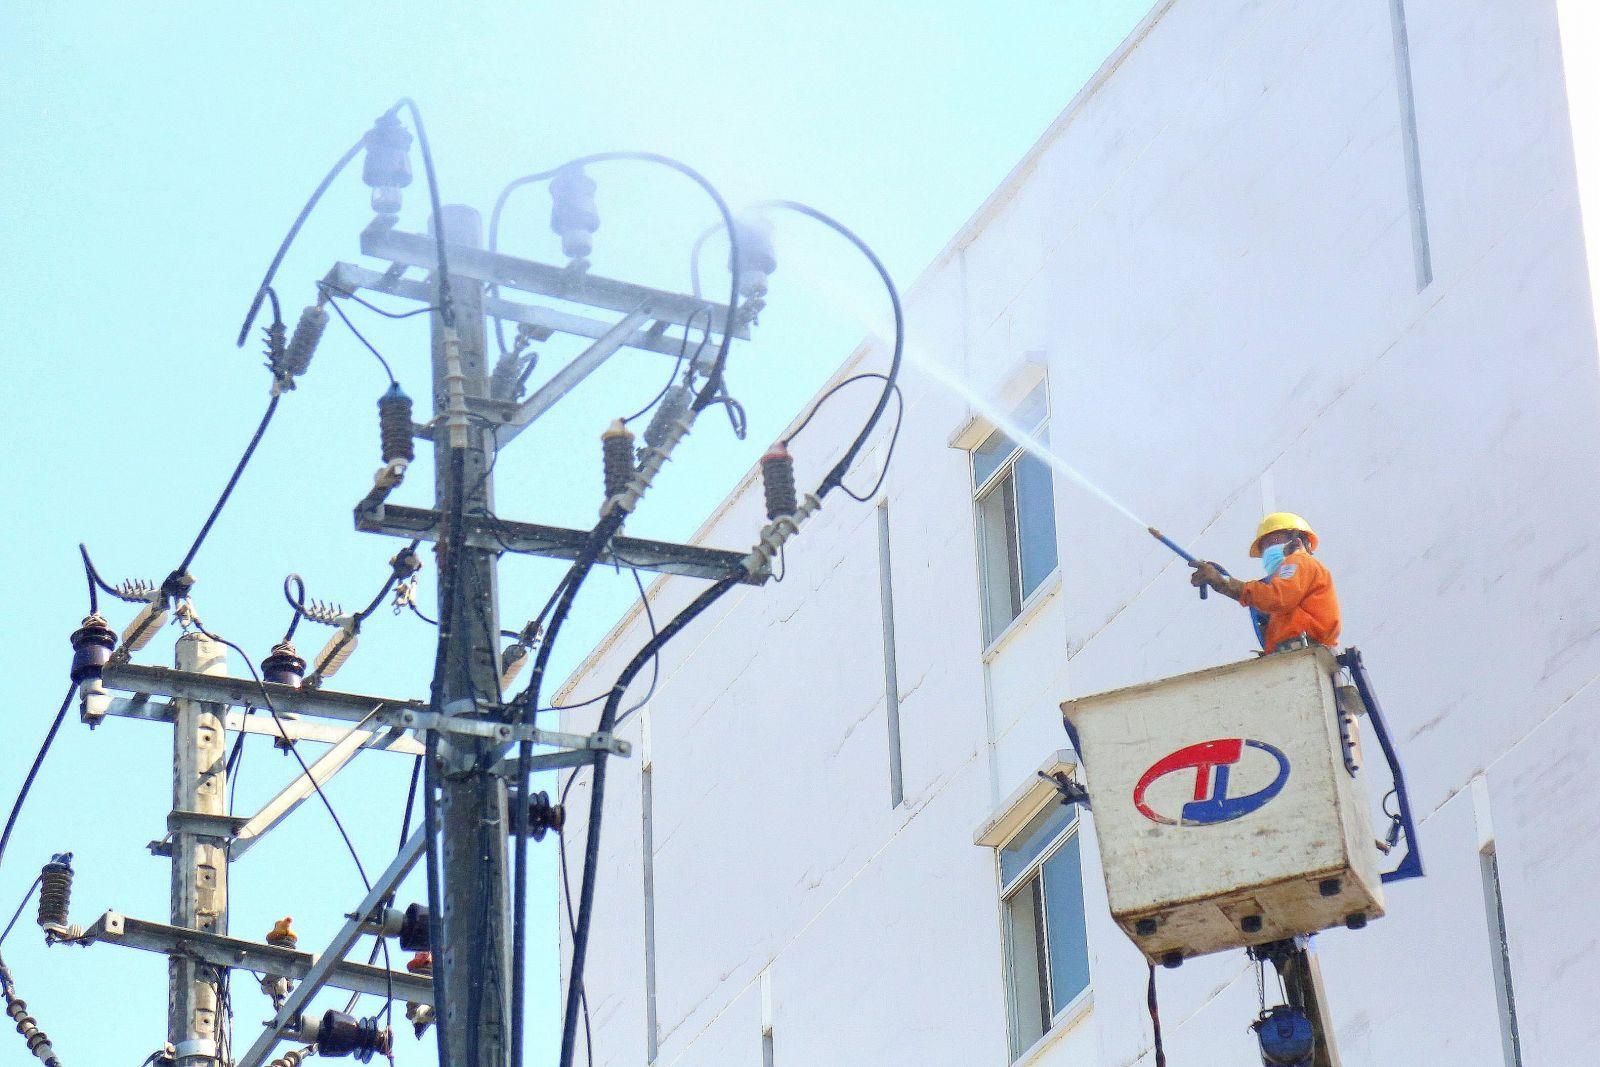 Công ty Điện lực Đà Nẵng vệ sinh sứ bằng nước áp lực cao tại khu ký túc xá phía Tây – nơi được trưng dụng làm khu cách ly tập trung các trường hợp liên quan đến các bệnh nhân nhiễm Covid-19 tại Đà Nẵng.